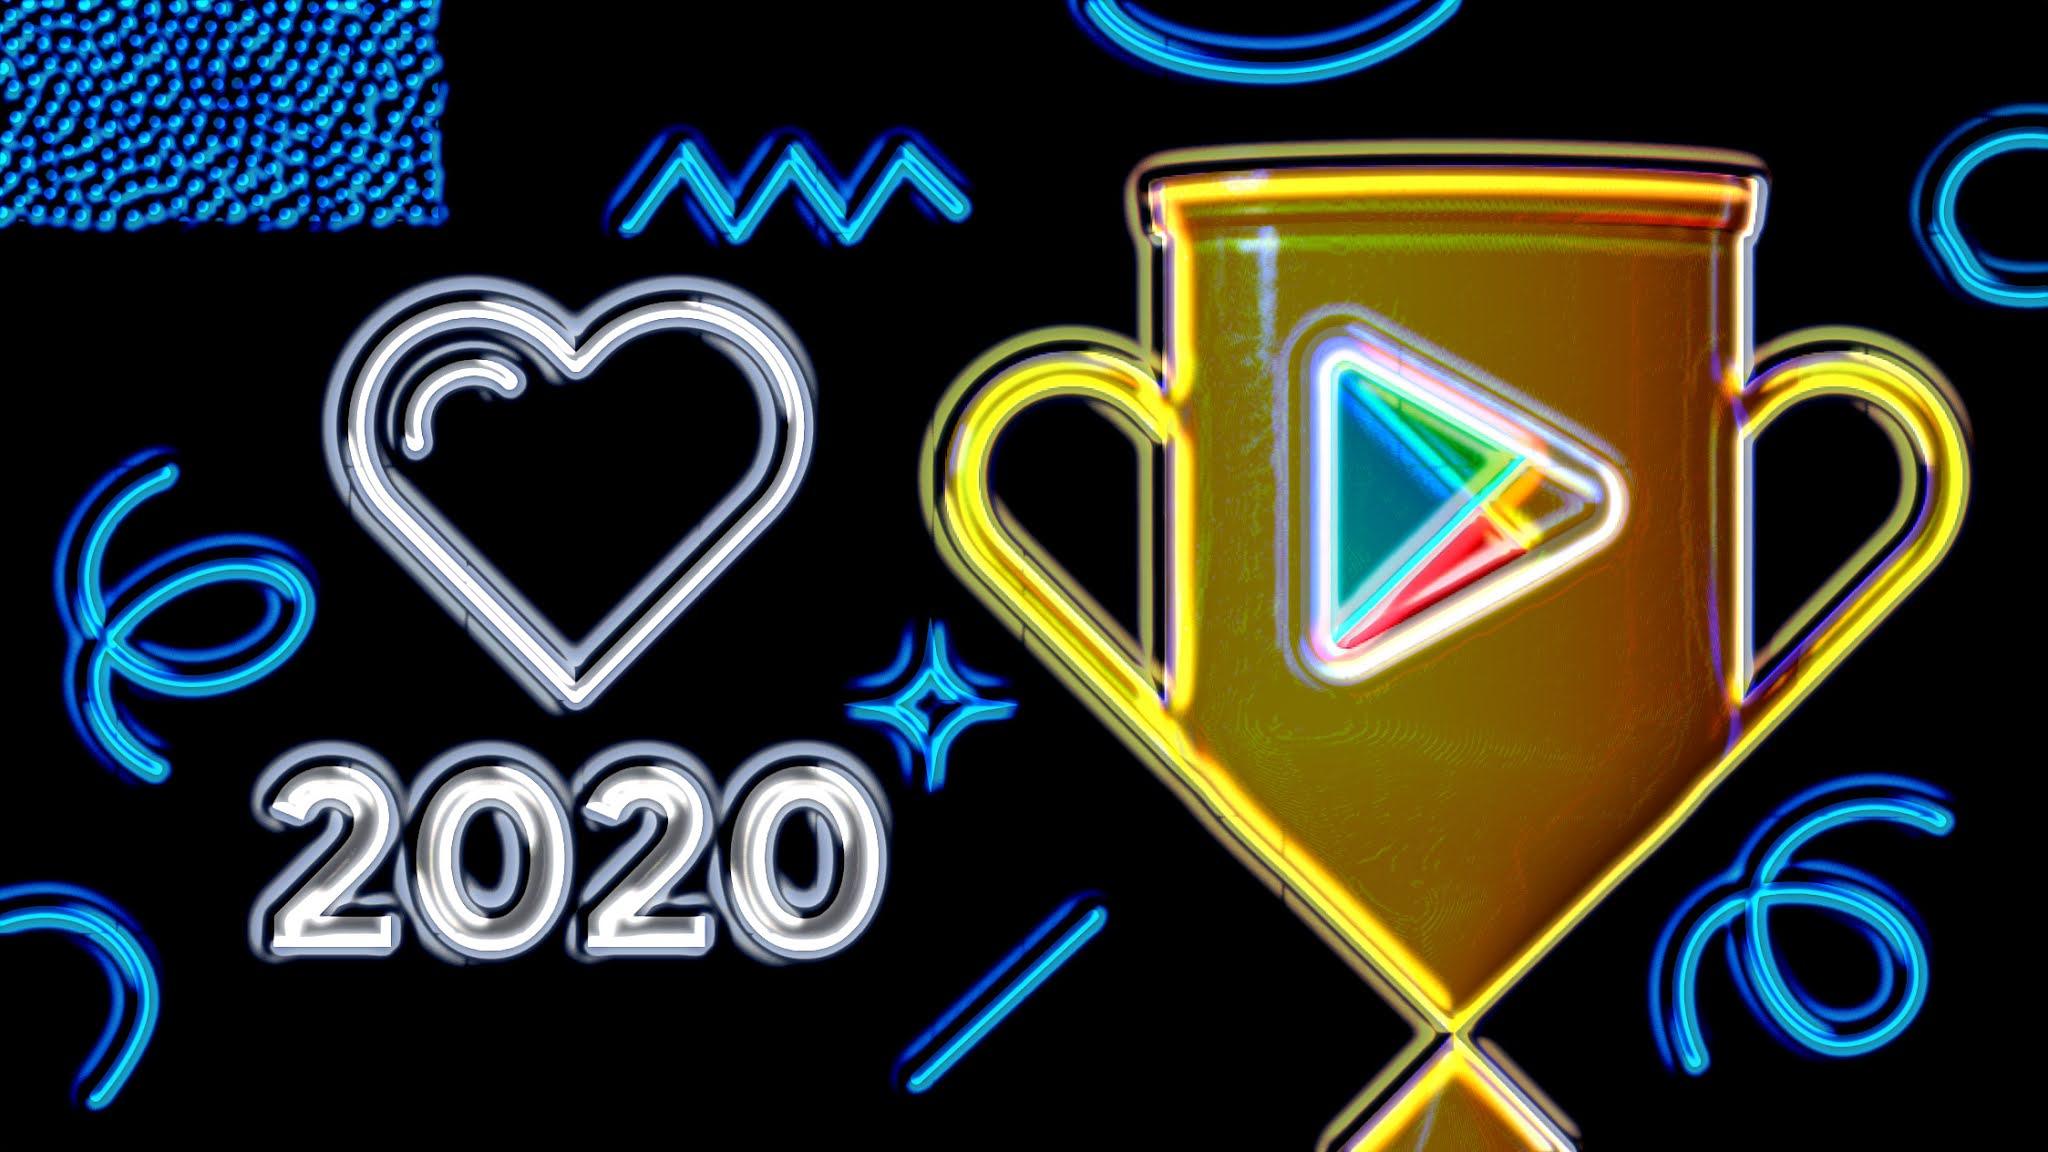 Лучшие приложения и игры для Android за 2020 год